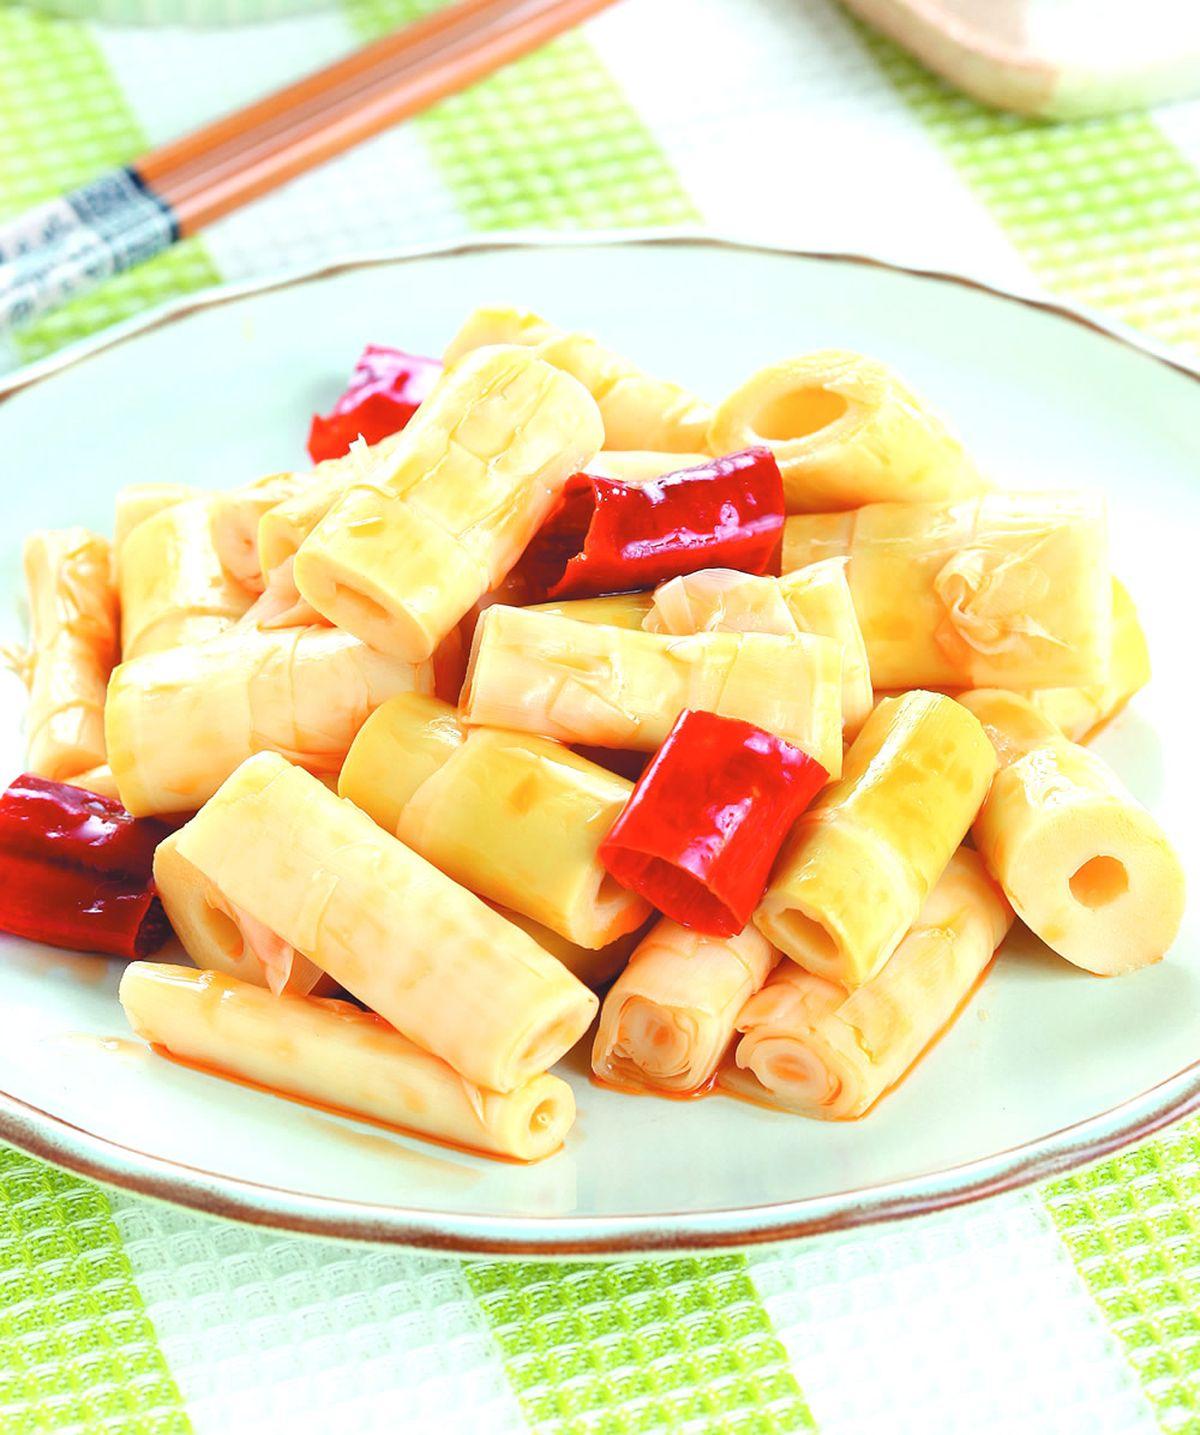 食譜:黑糖桂圓煎餅